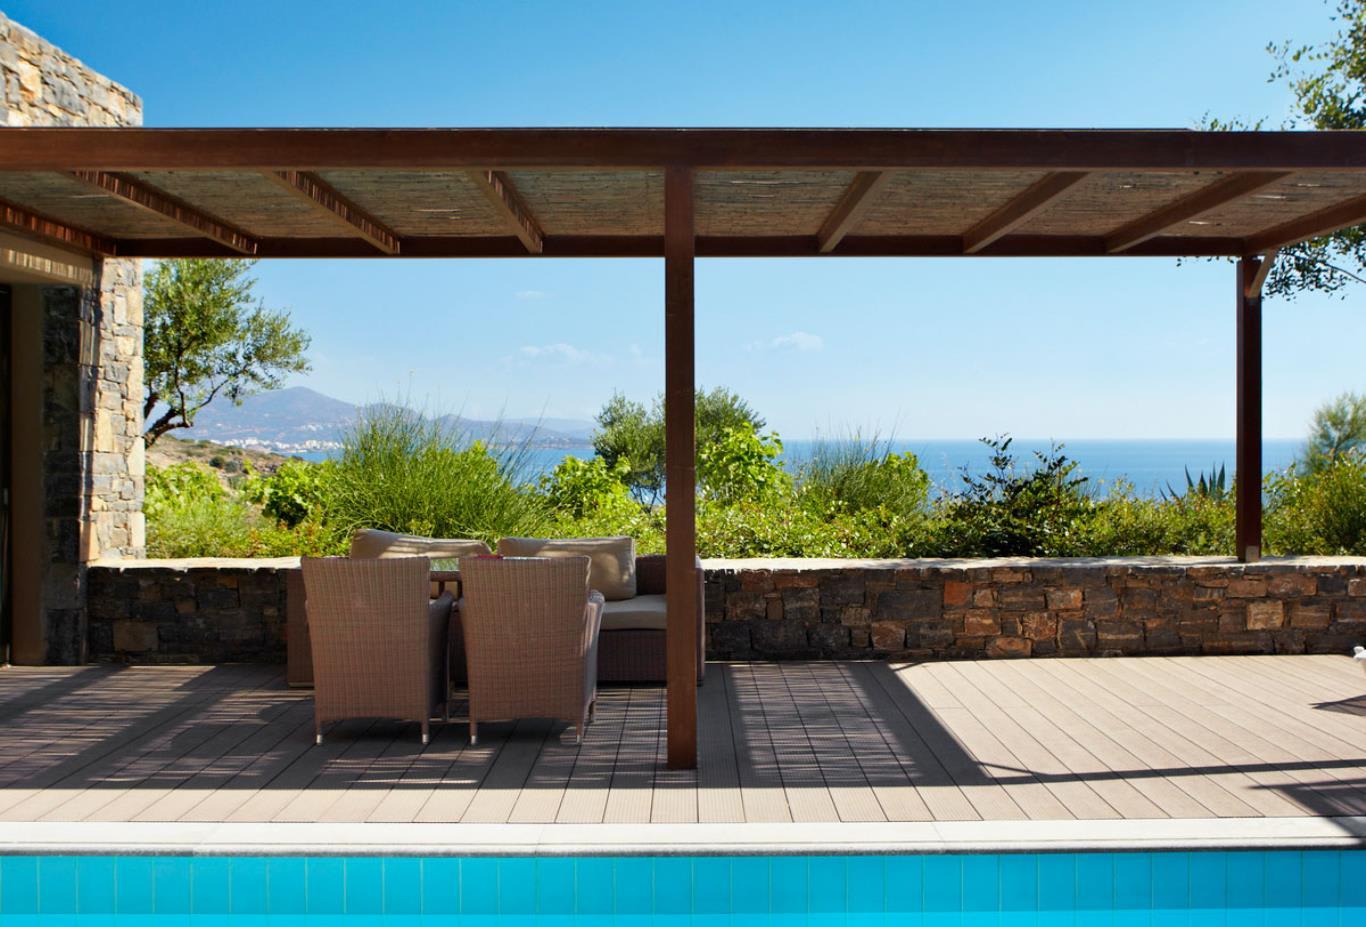 Suite pool area